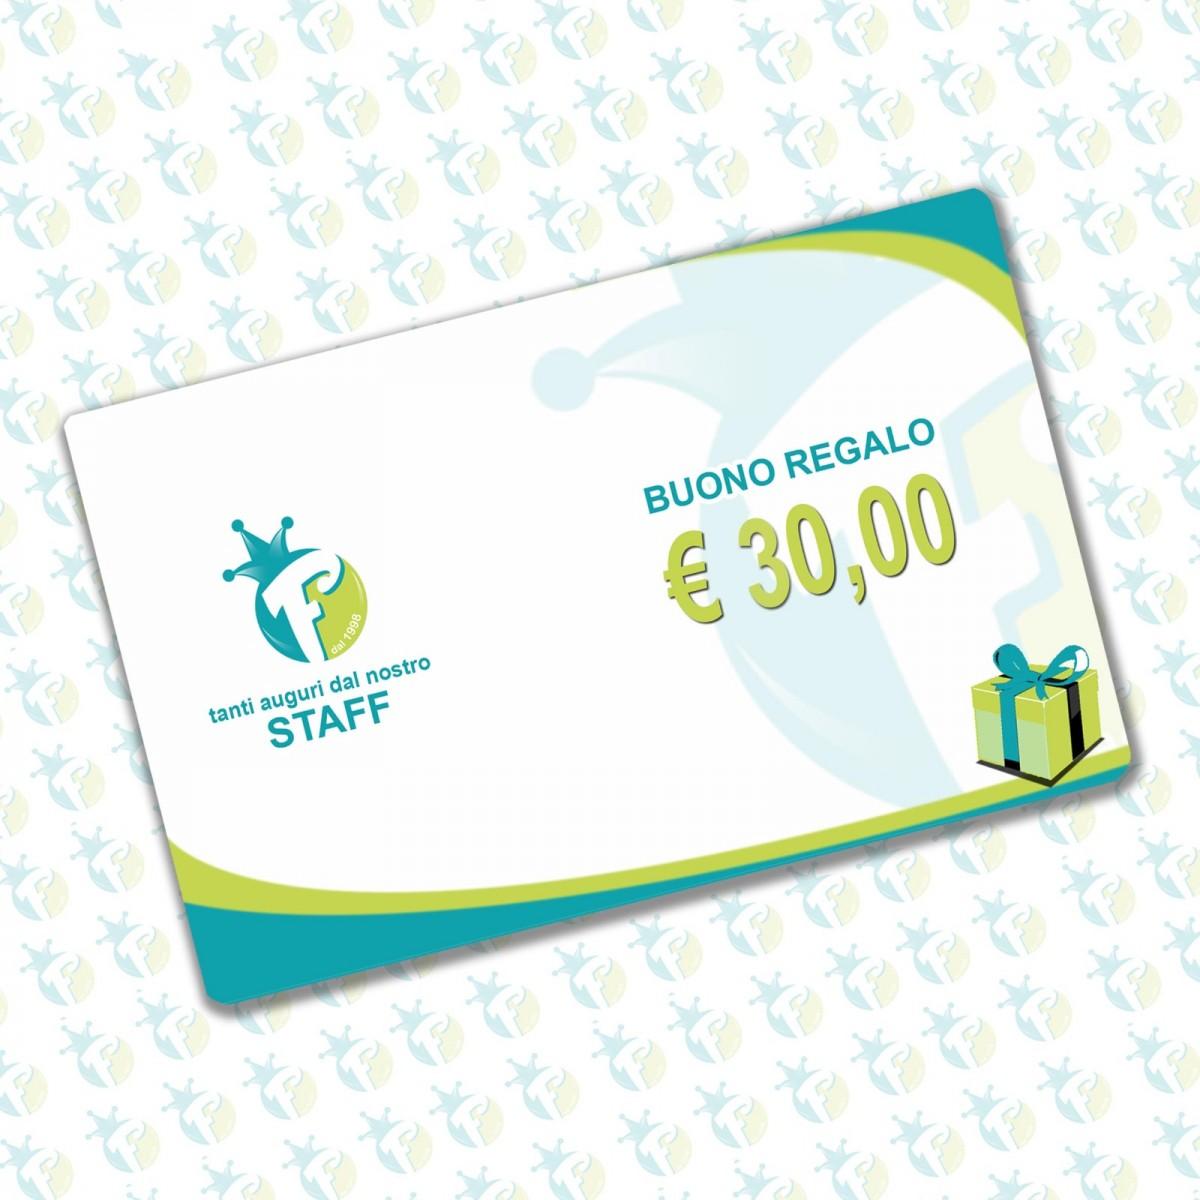 Buono regalo 30 €